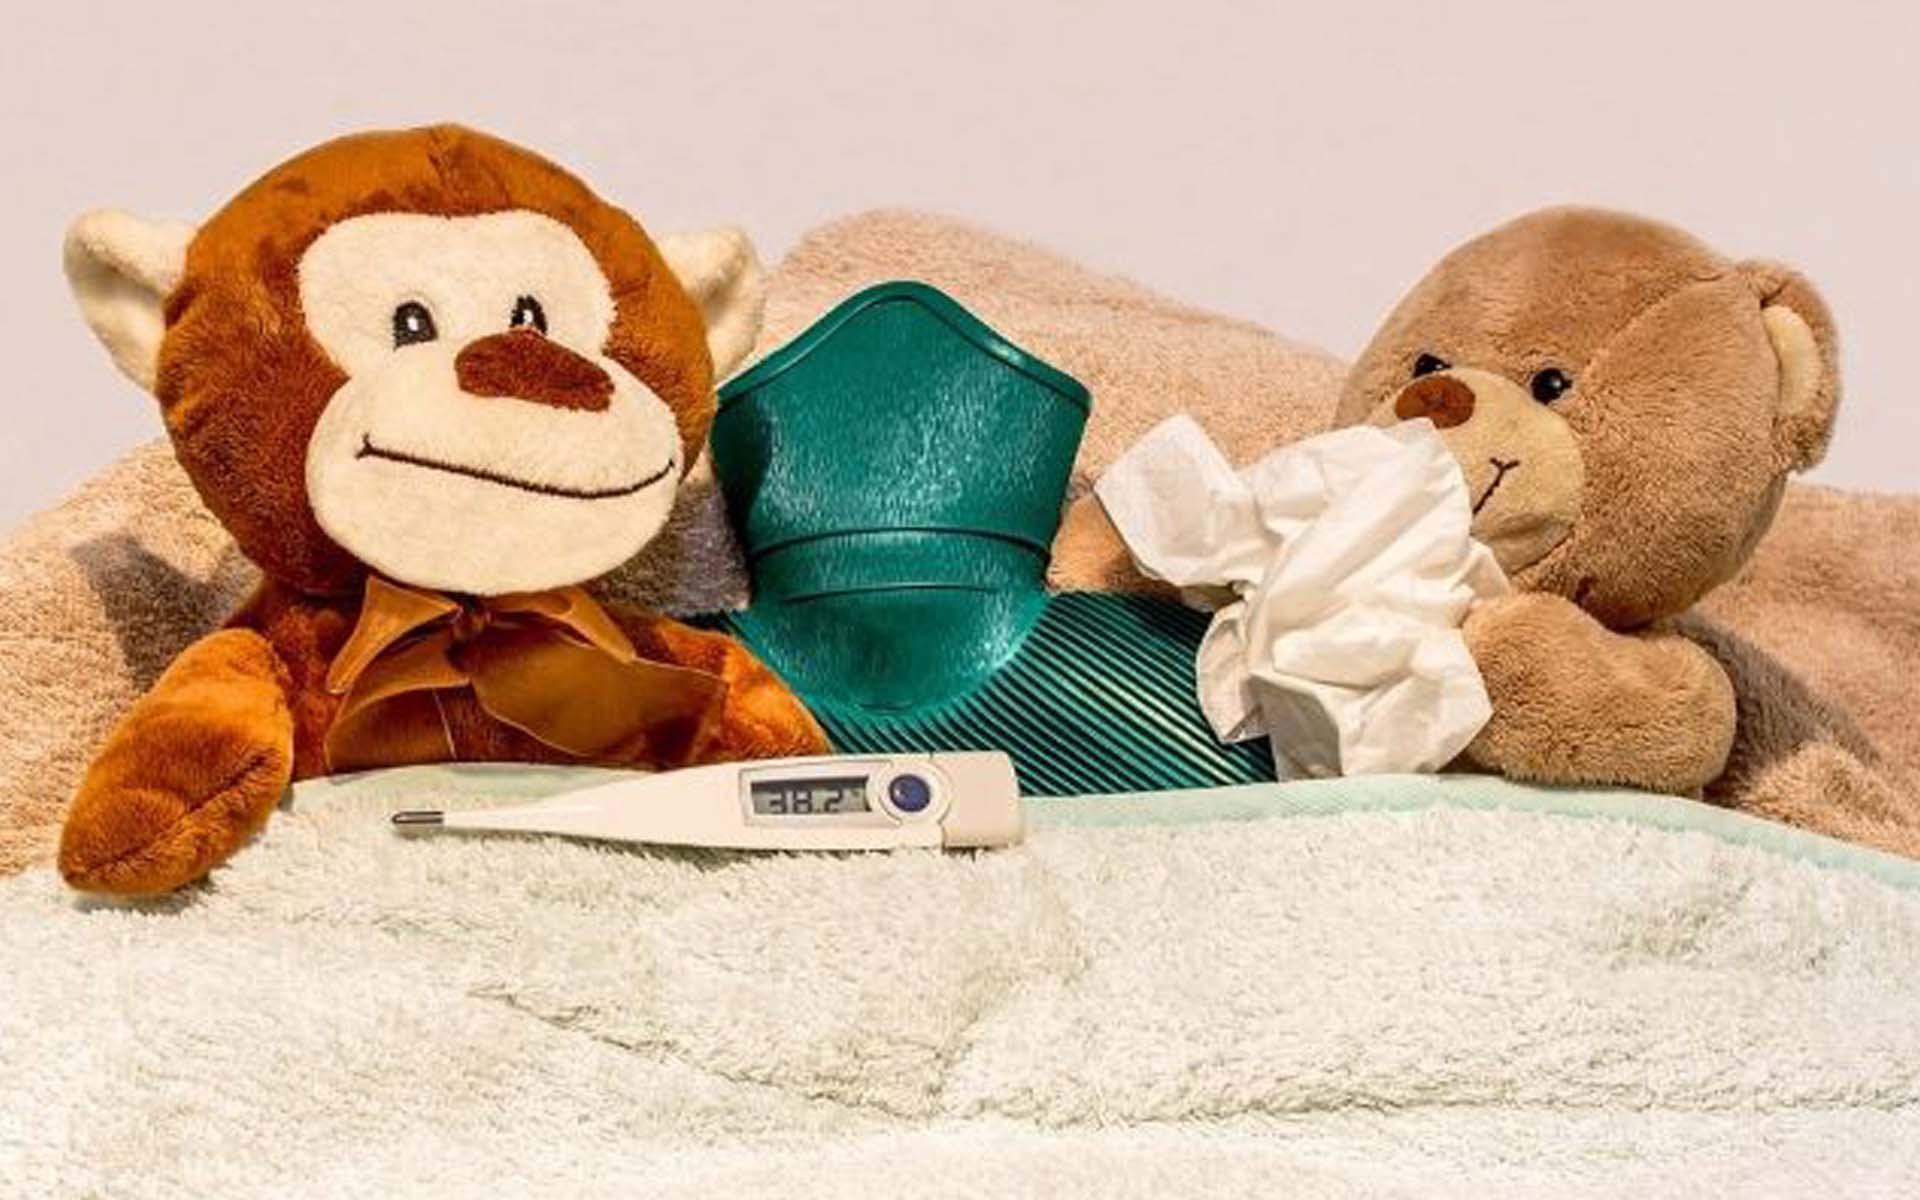 Все починалося як банальна застуда: п'ятирічна дівчинка померла через два дні після захворювання на ГРВІ